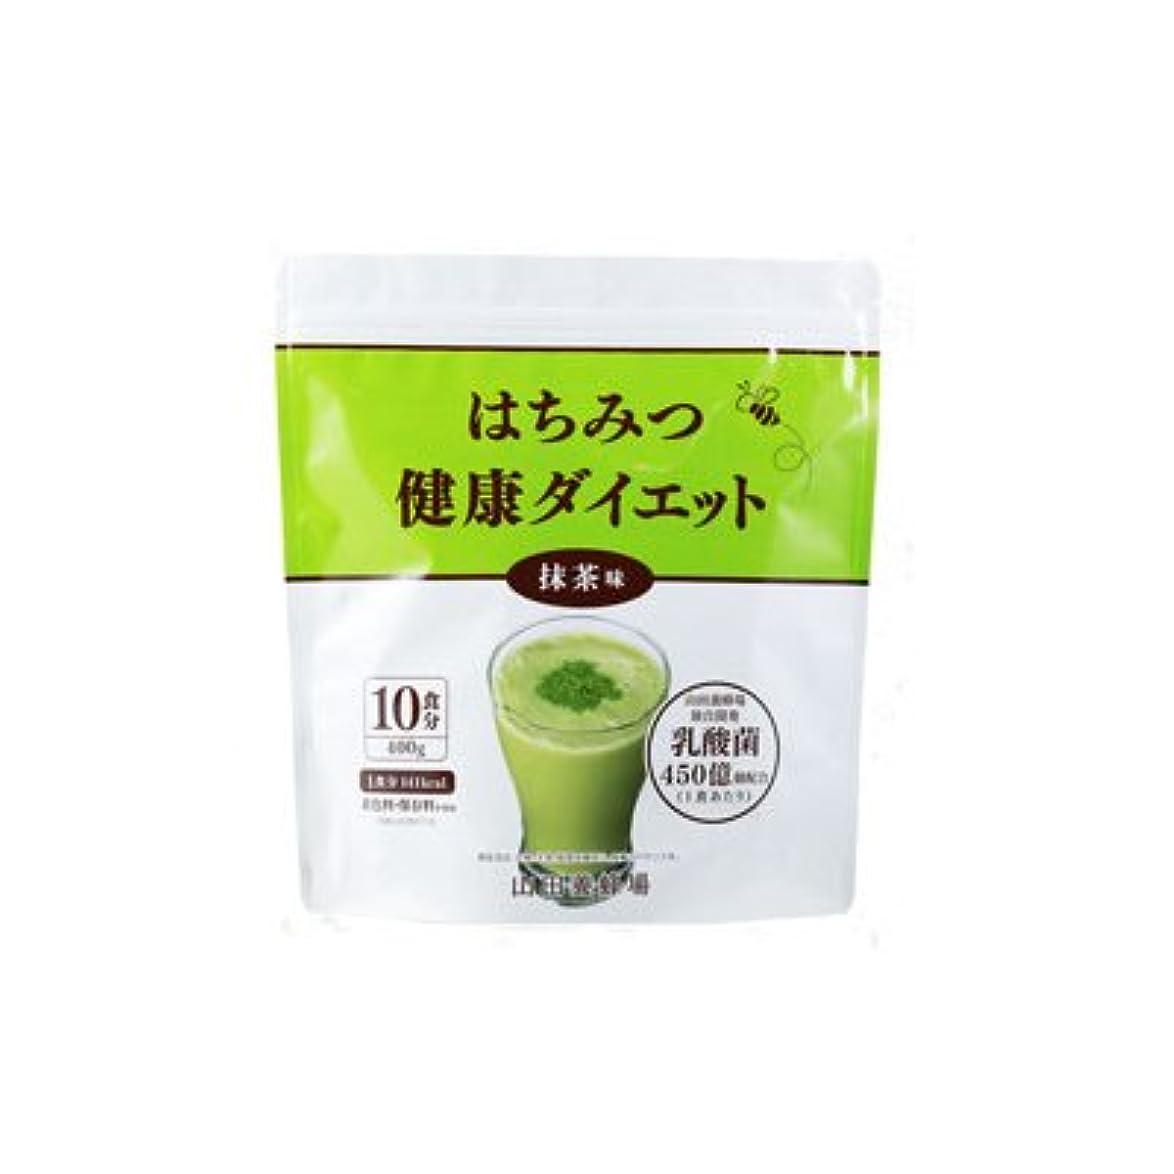 単独でジャングルに関してはちみつ健康ダイエット 【抹茶味】400g(10食分)